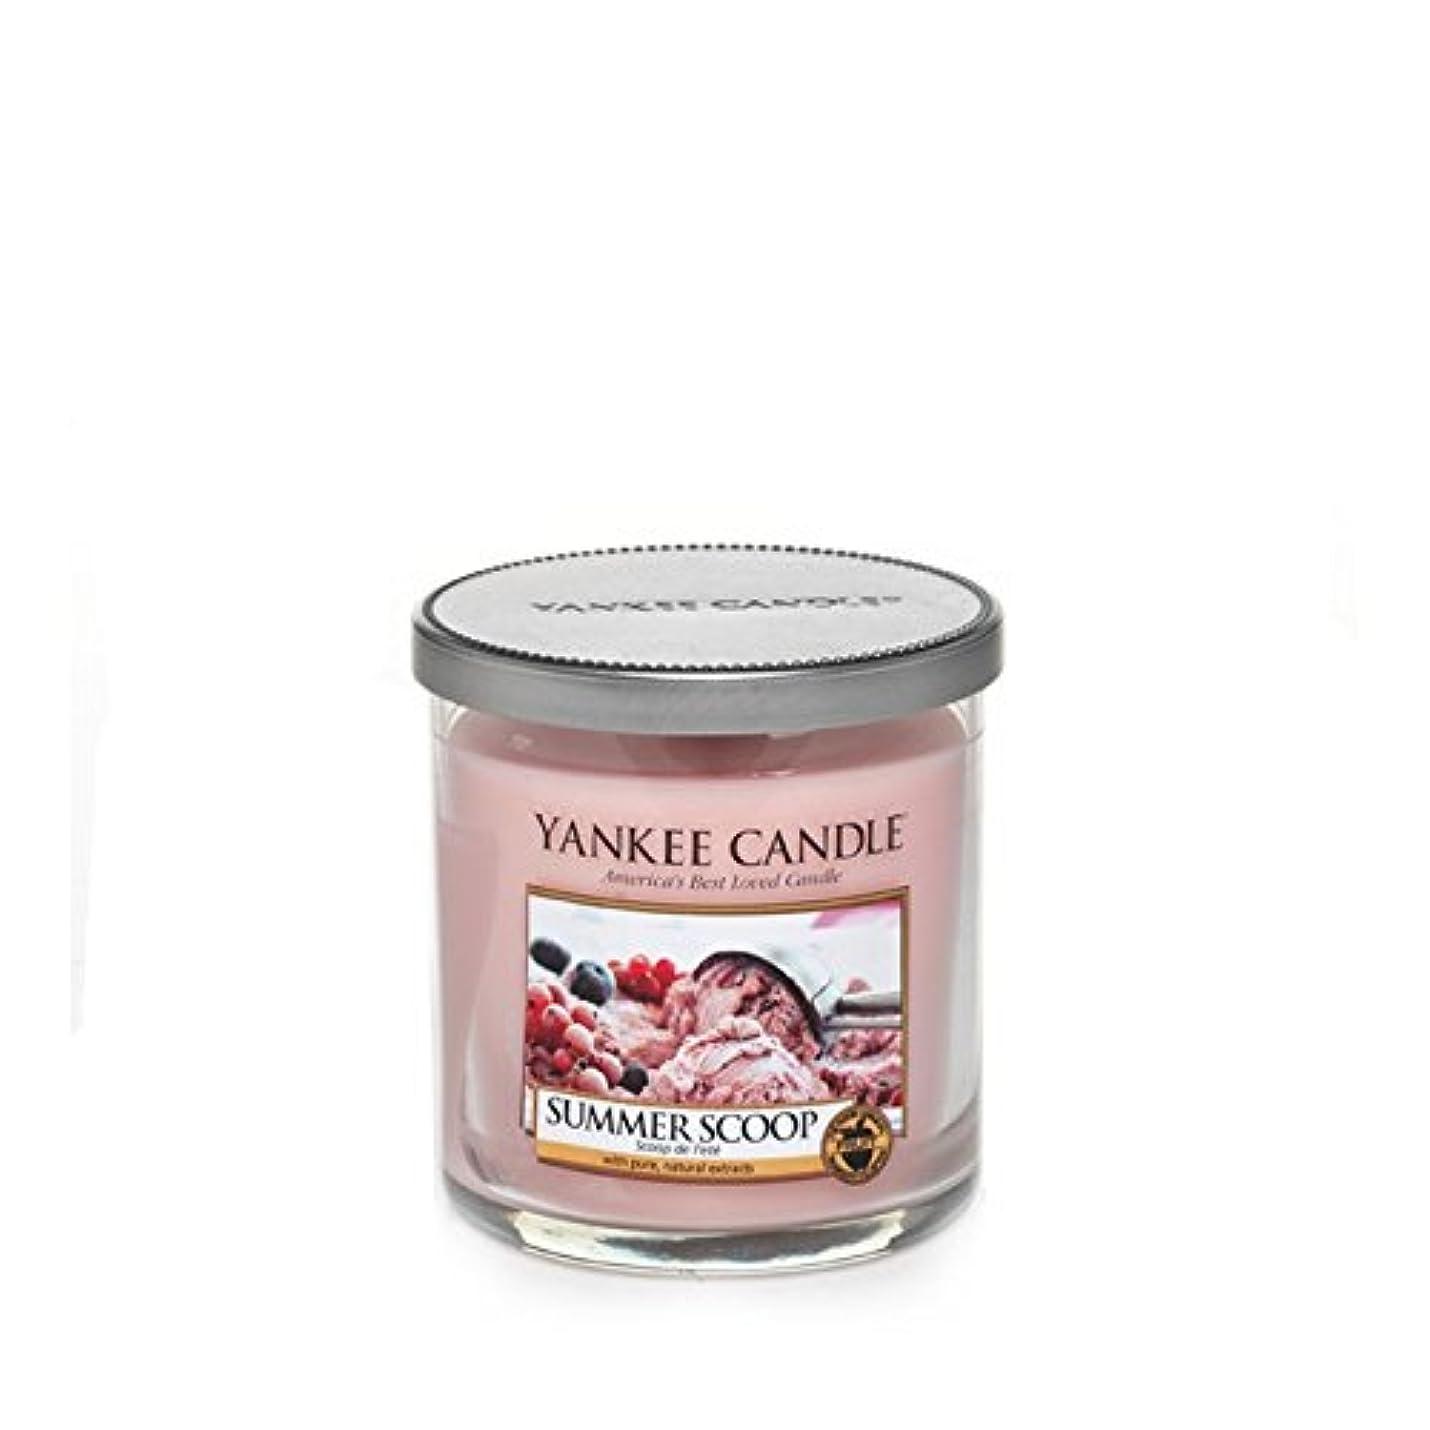 ギネス気性逸話ヤンキーキャンドルの小さな柱キャンドル - 夏のスクープ - Yankee Candles Small Pillar Candle - Summer Scoop (Yankee Candles) [並行輸入品]